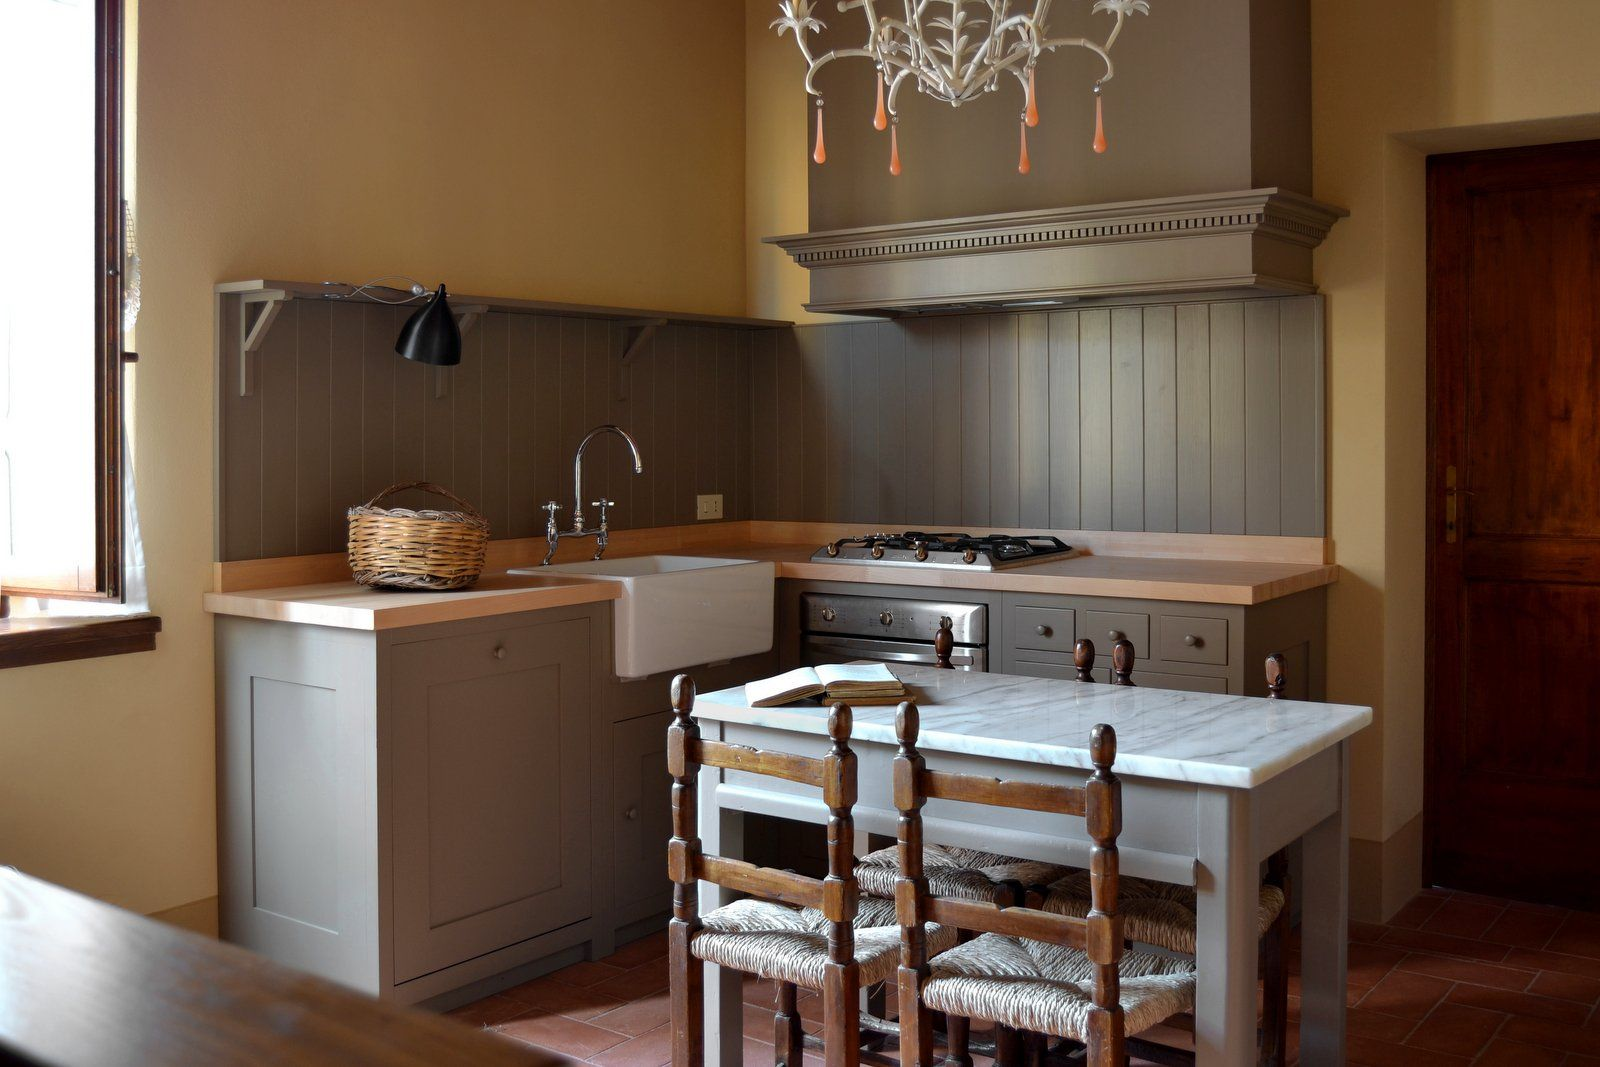 cucine in stile shaker | Kitchen | Pinterest | Cucine, Arredamento ...